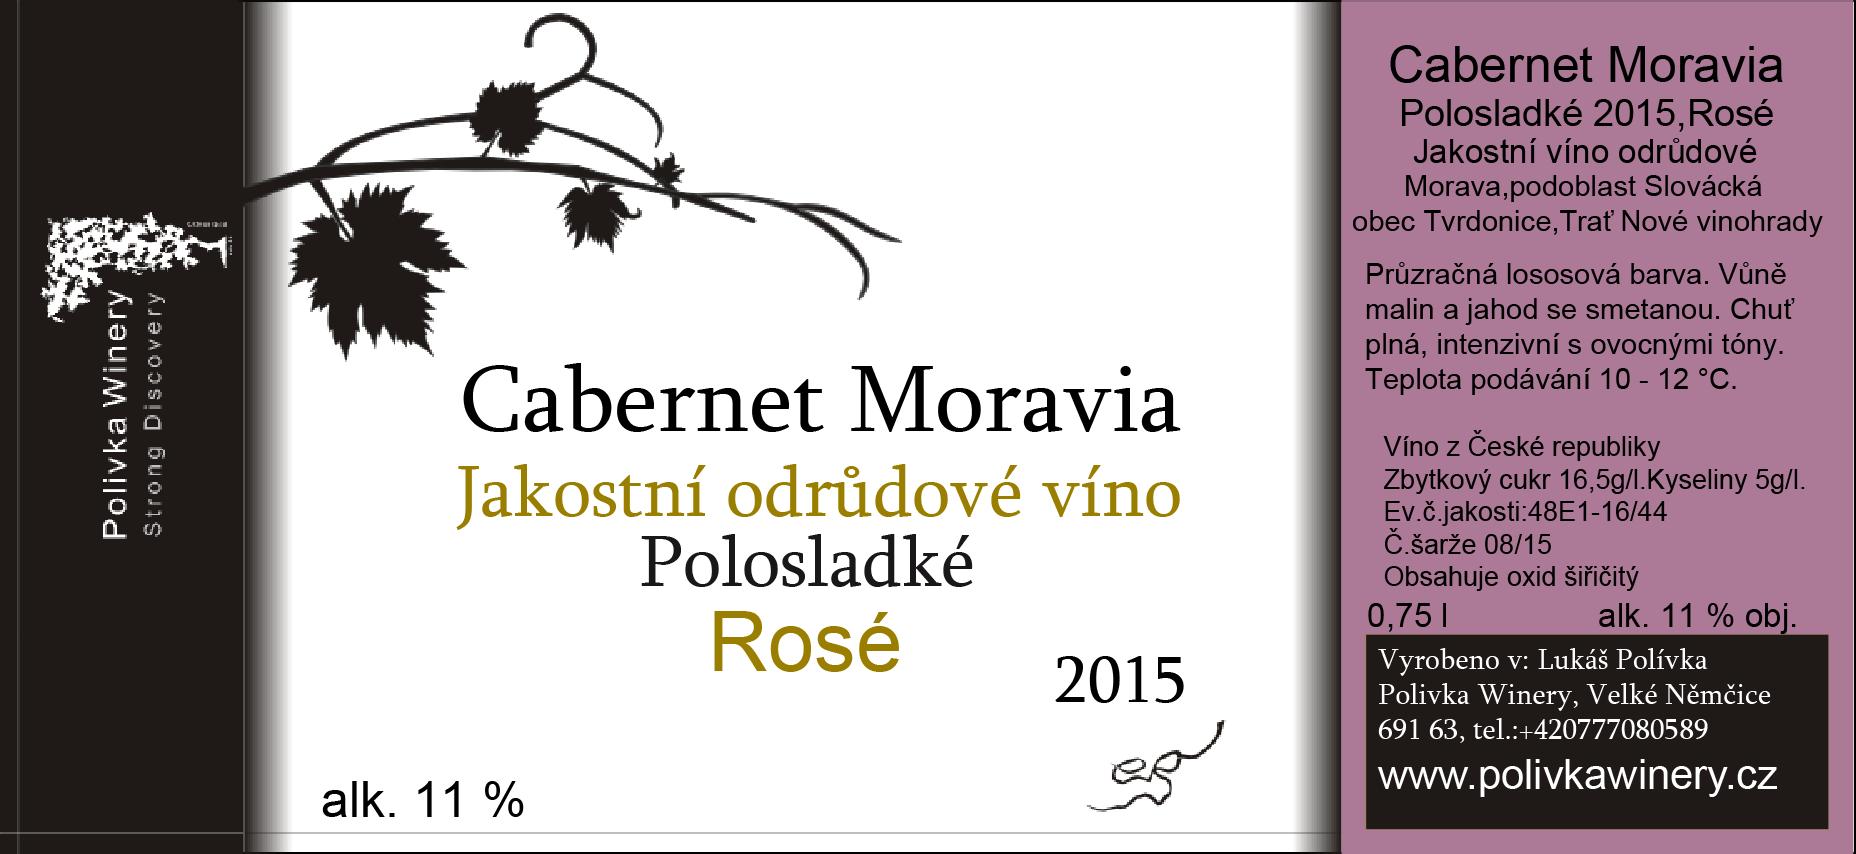 Polivka Winery - Cabernet Moravia - Jakostní víno 2015 - 0,75l